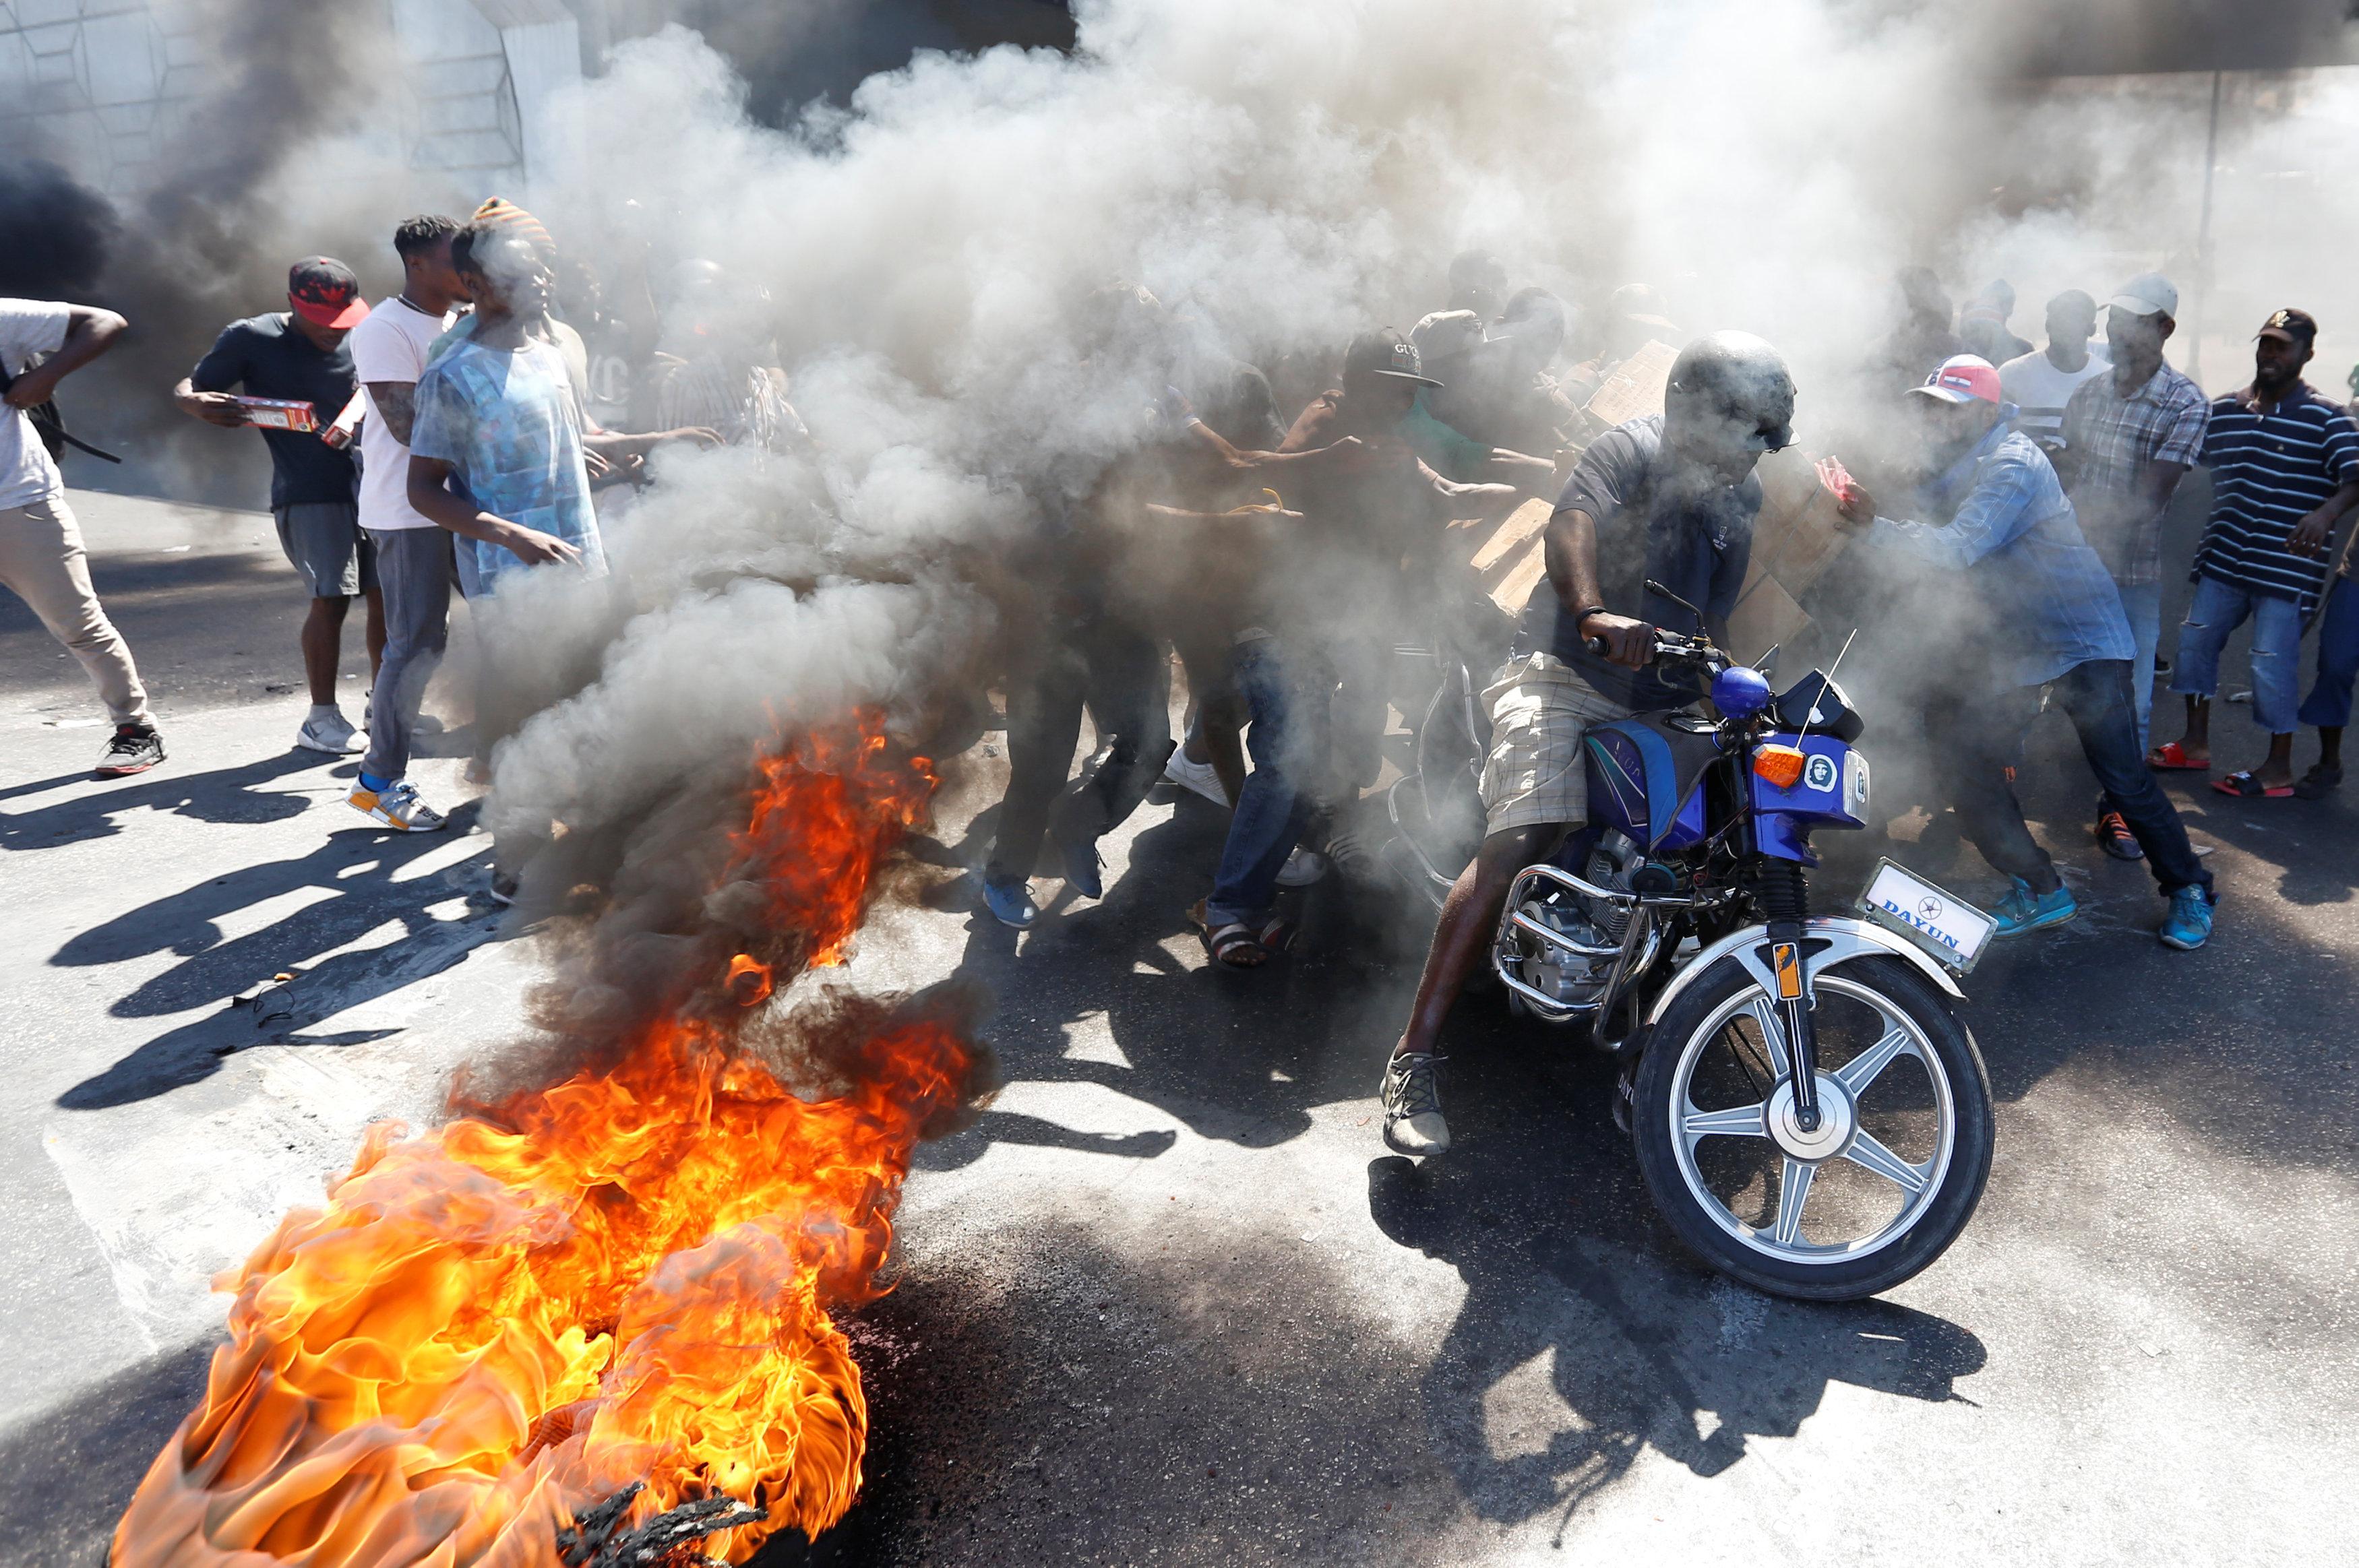 الاحتجاجات العنيفة ضد السلطة فى هايتى  (3)